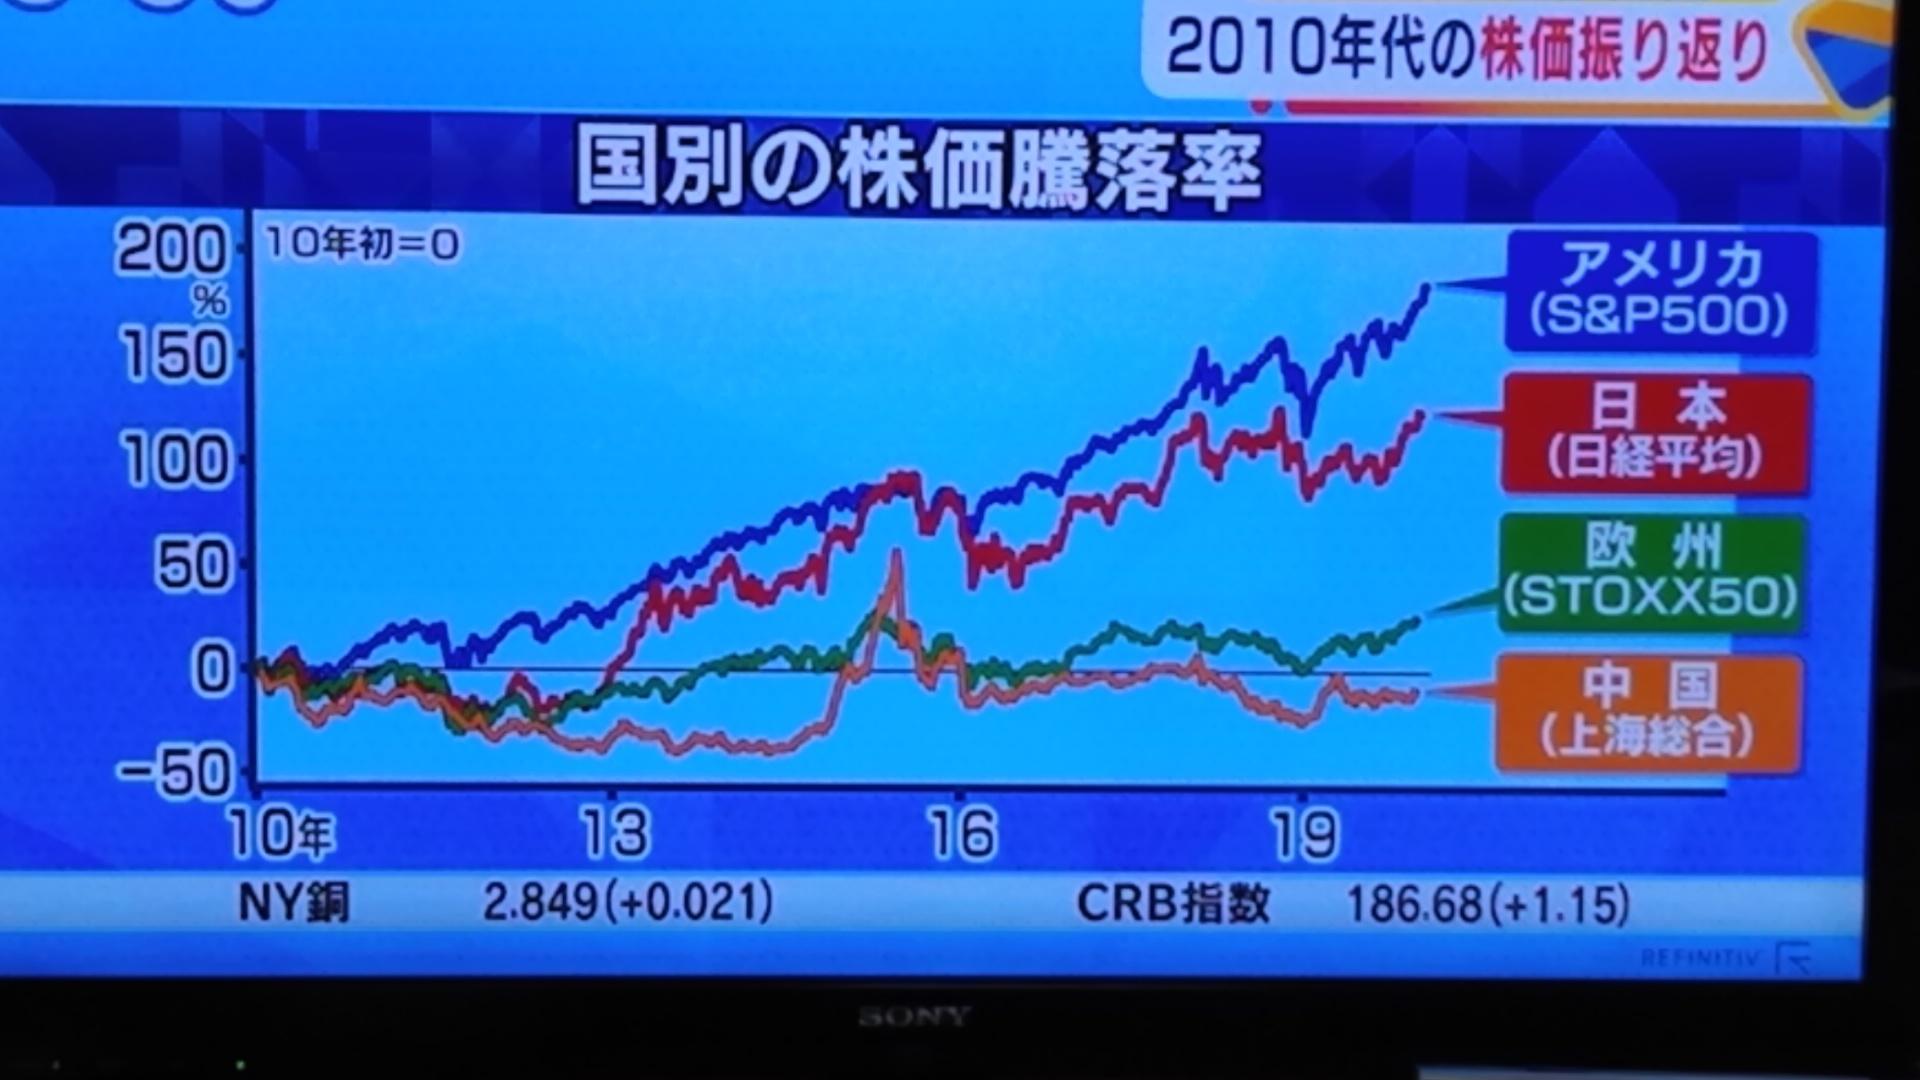 10年間では上昇なれど_d0262085_09472011.jpg